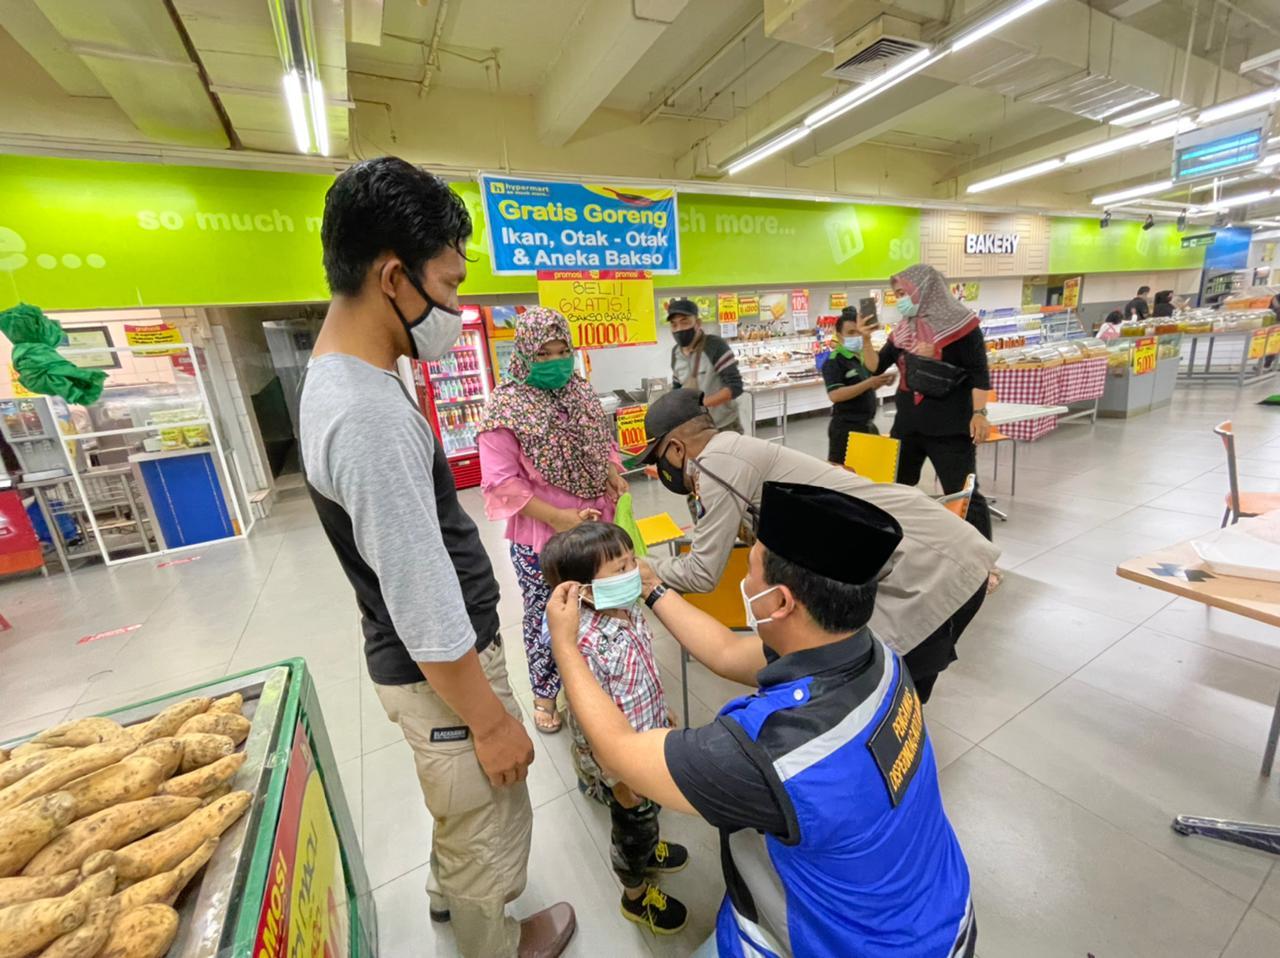 Disperindag Kota Batam Bersama TNI, Polri Mengawasi Penerapan Prokes di Pusat Perbelanjaan Kota Batam